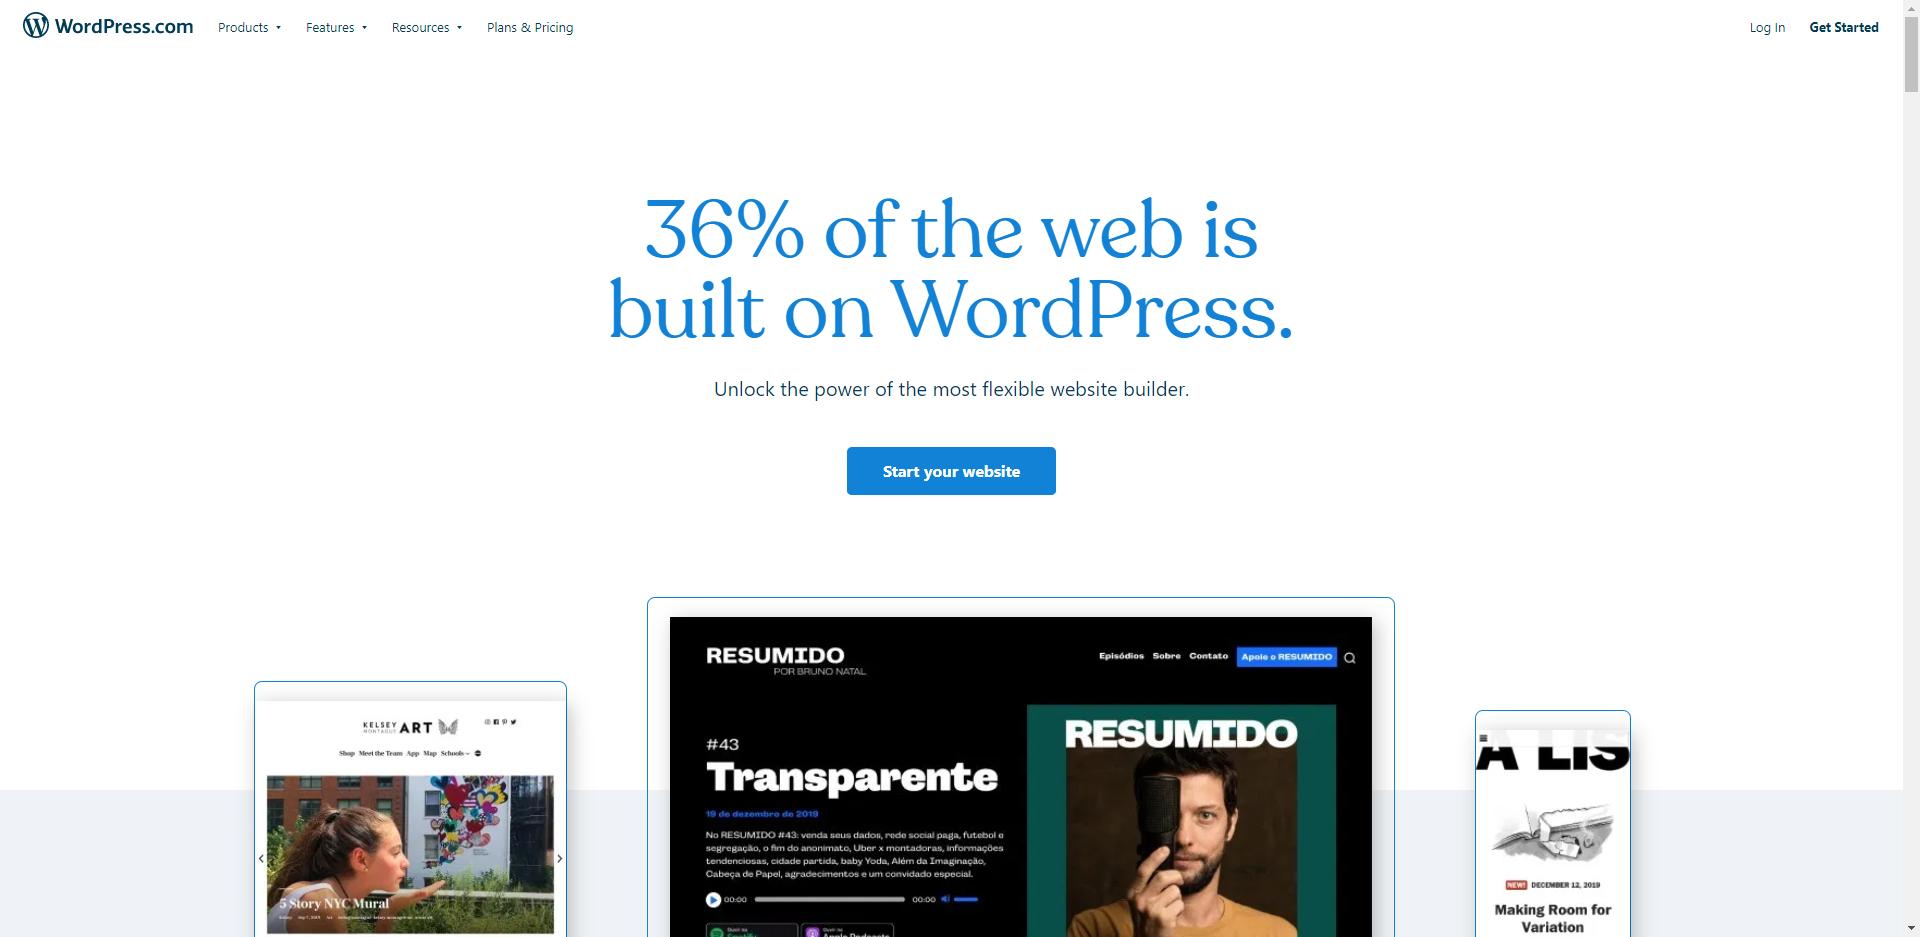 Et skærmklip fra WordPress.com